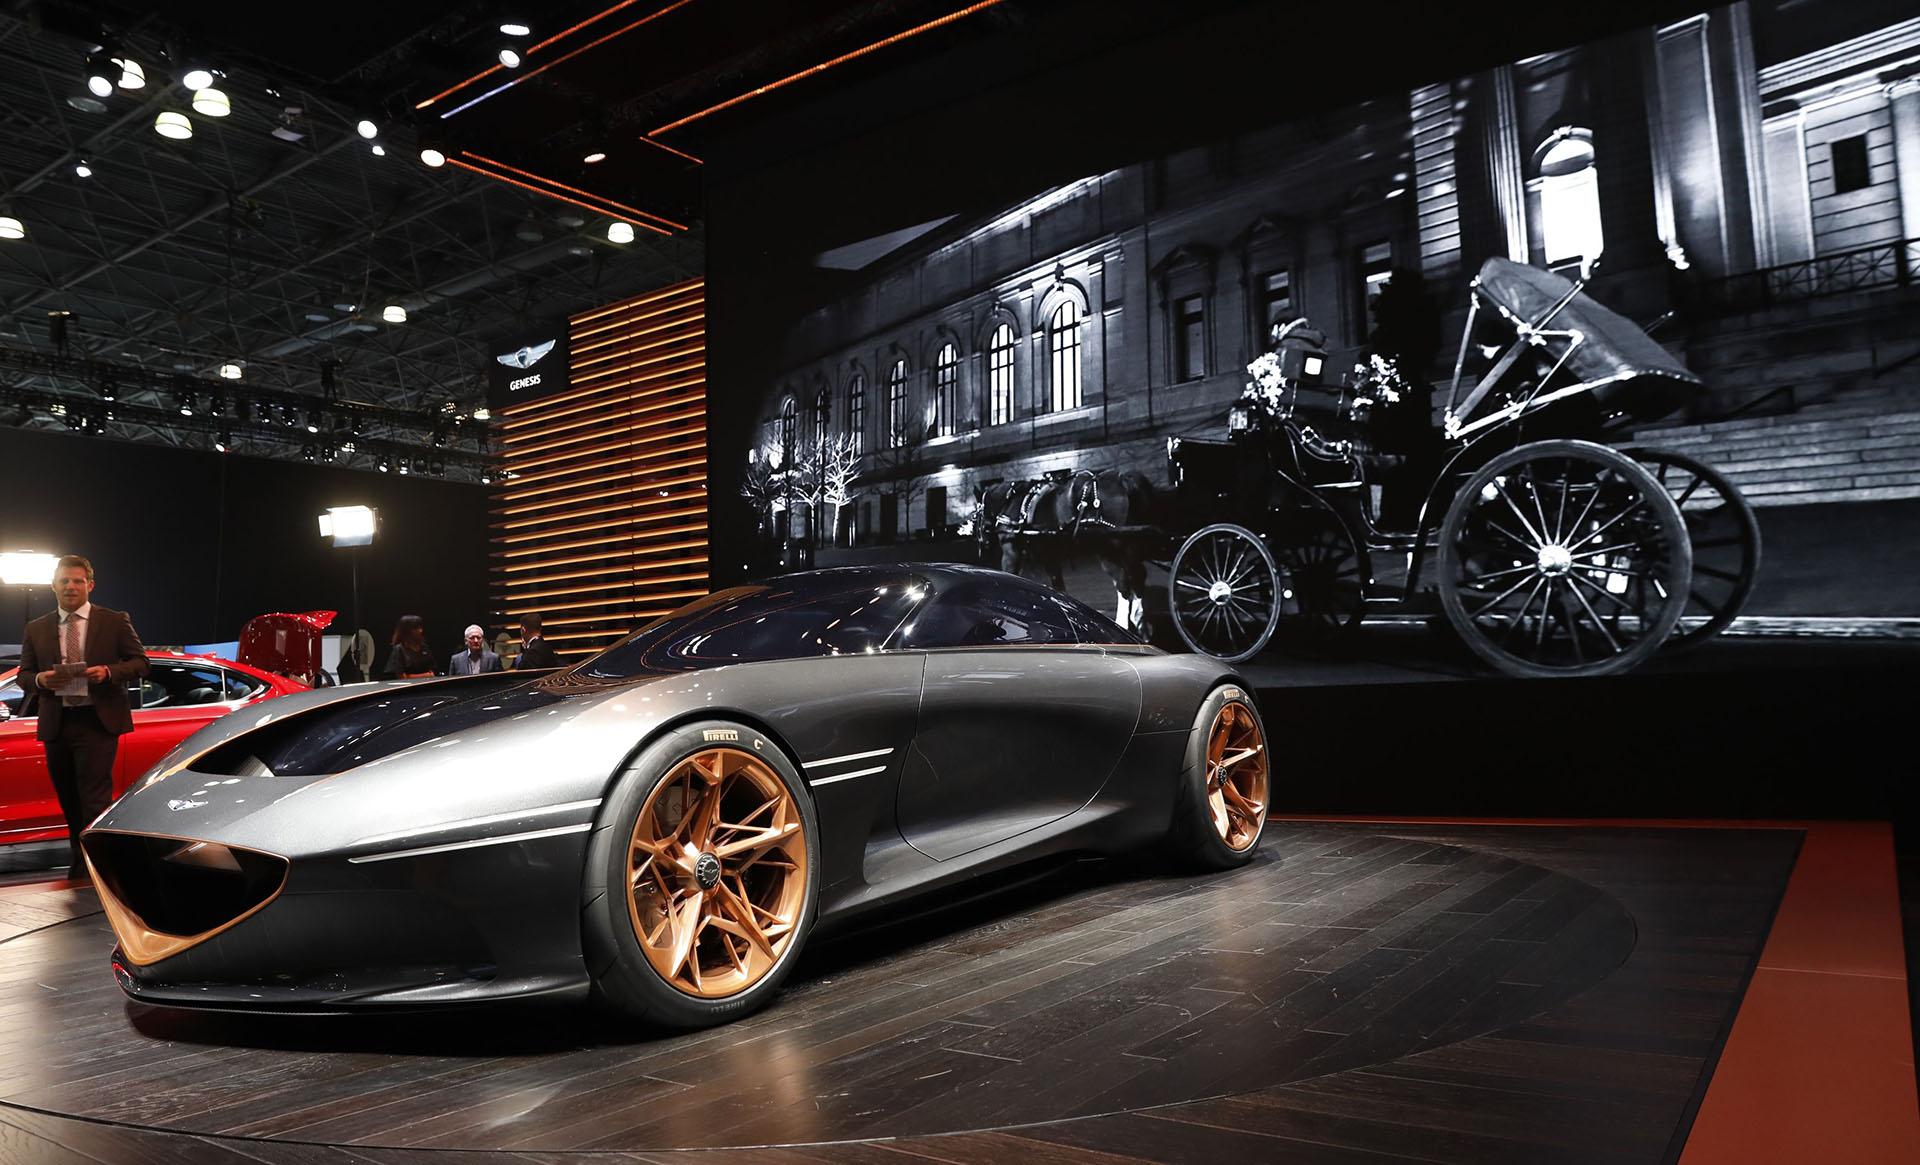 Otro ejemplo que anuncia que el futuro de la industria automotriz es eléctrico. El Genesis Essentia es el prototipo de un GT de dos puertas dedicado a mostrar la potencialidad y la visión de la marca. Es un ambicioso concepto que prioriza la conducción deportiva y dinámica